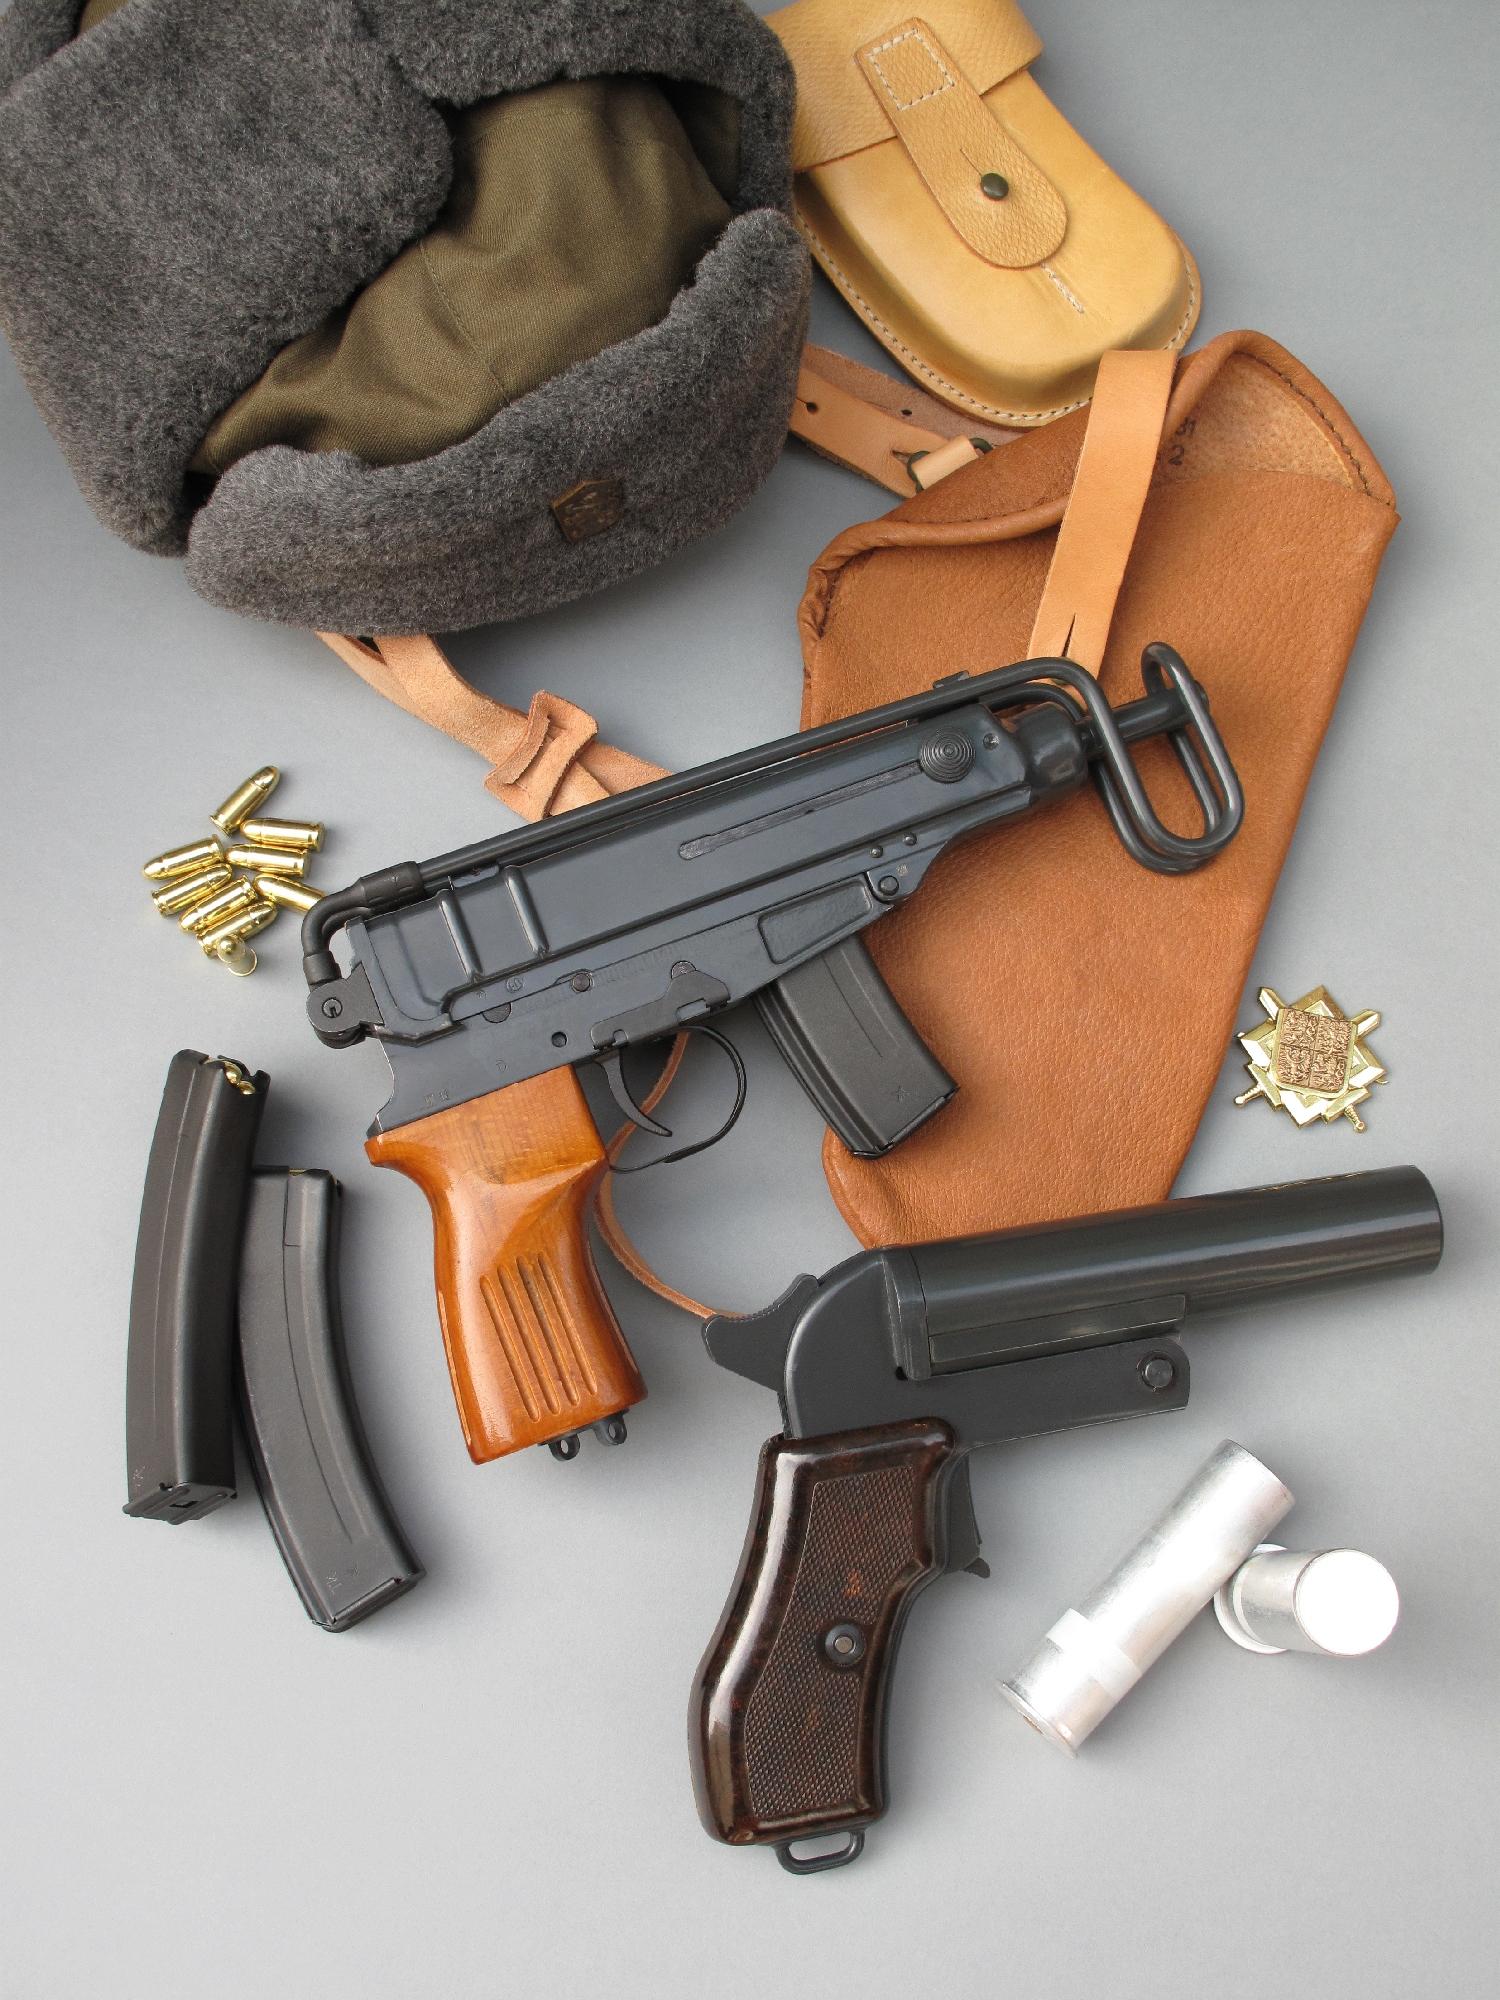 Le pistolet CZ Skorpion Vz.61 est accompagné ici par un holster d'épaule en cuir (daté de 1981), un porte-chargeurs en cuir, deux chargeurs de vingt coups, une chapka de l'armée tchécoslovaque, un insigne de casquette d'officier et un pistolet lance-fusées tchèque Vz.44/81 (daté de 1982, copié sur le modèle russe SPSh 1944) accompagné par deux fusées éclairantes de calibre 4 (26,5 mm).